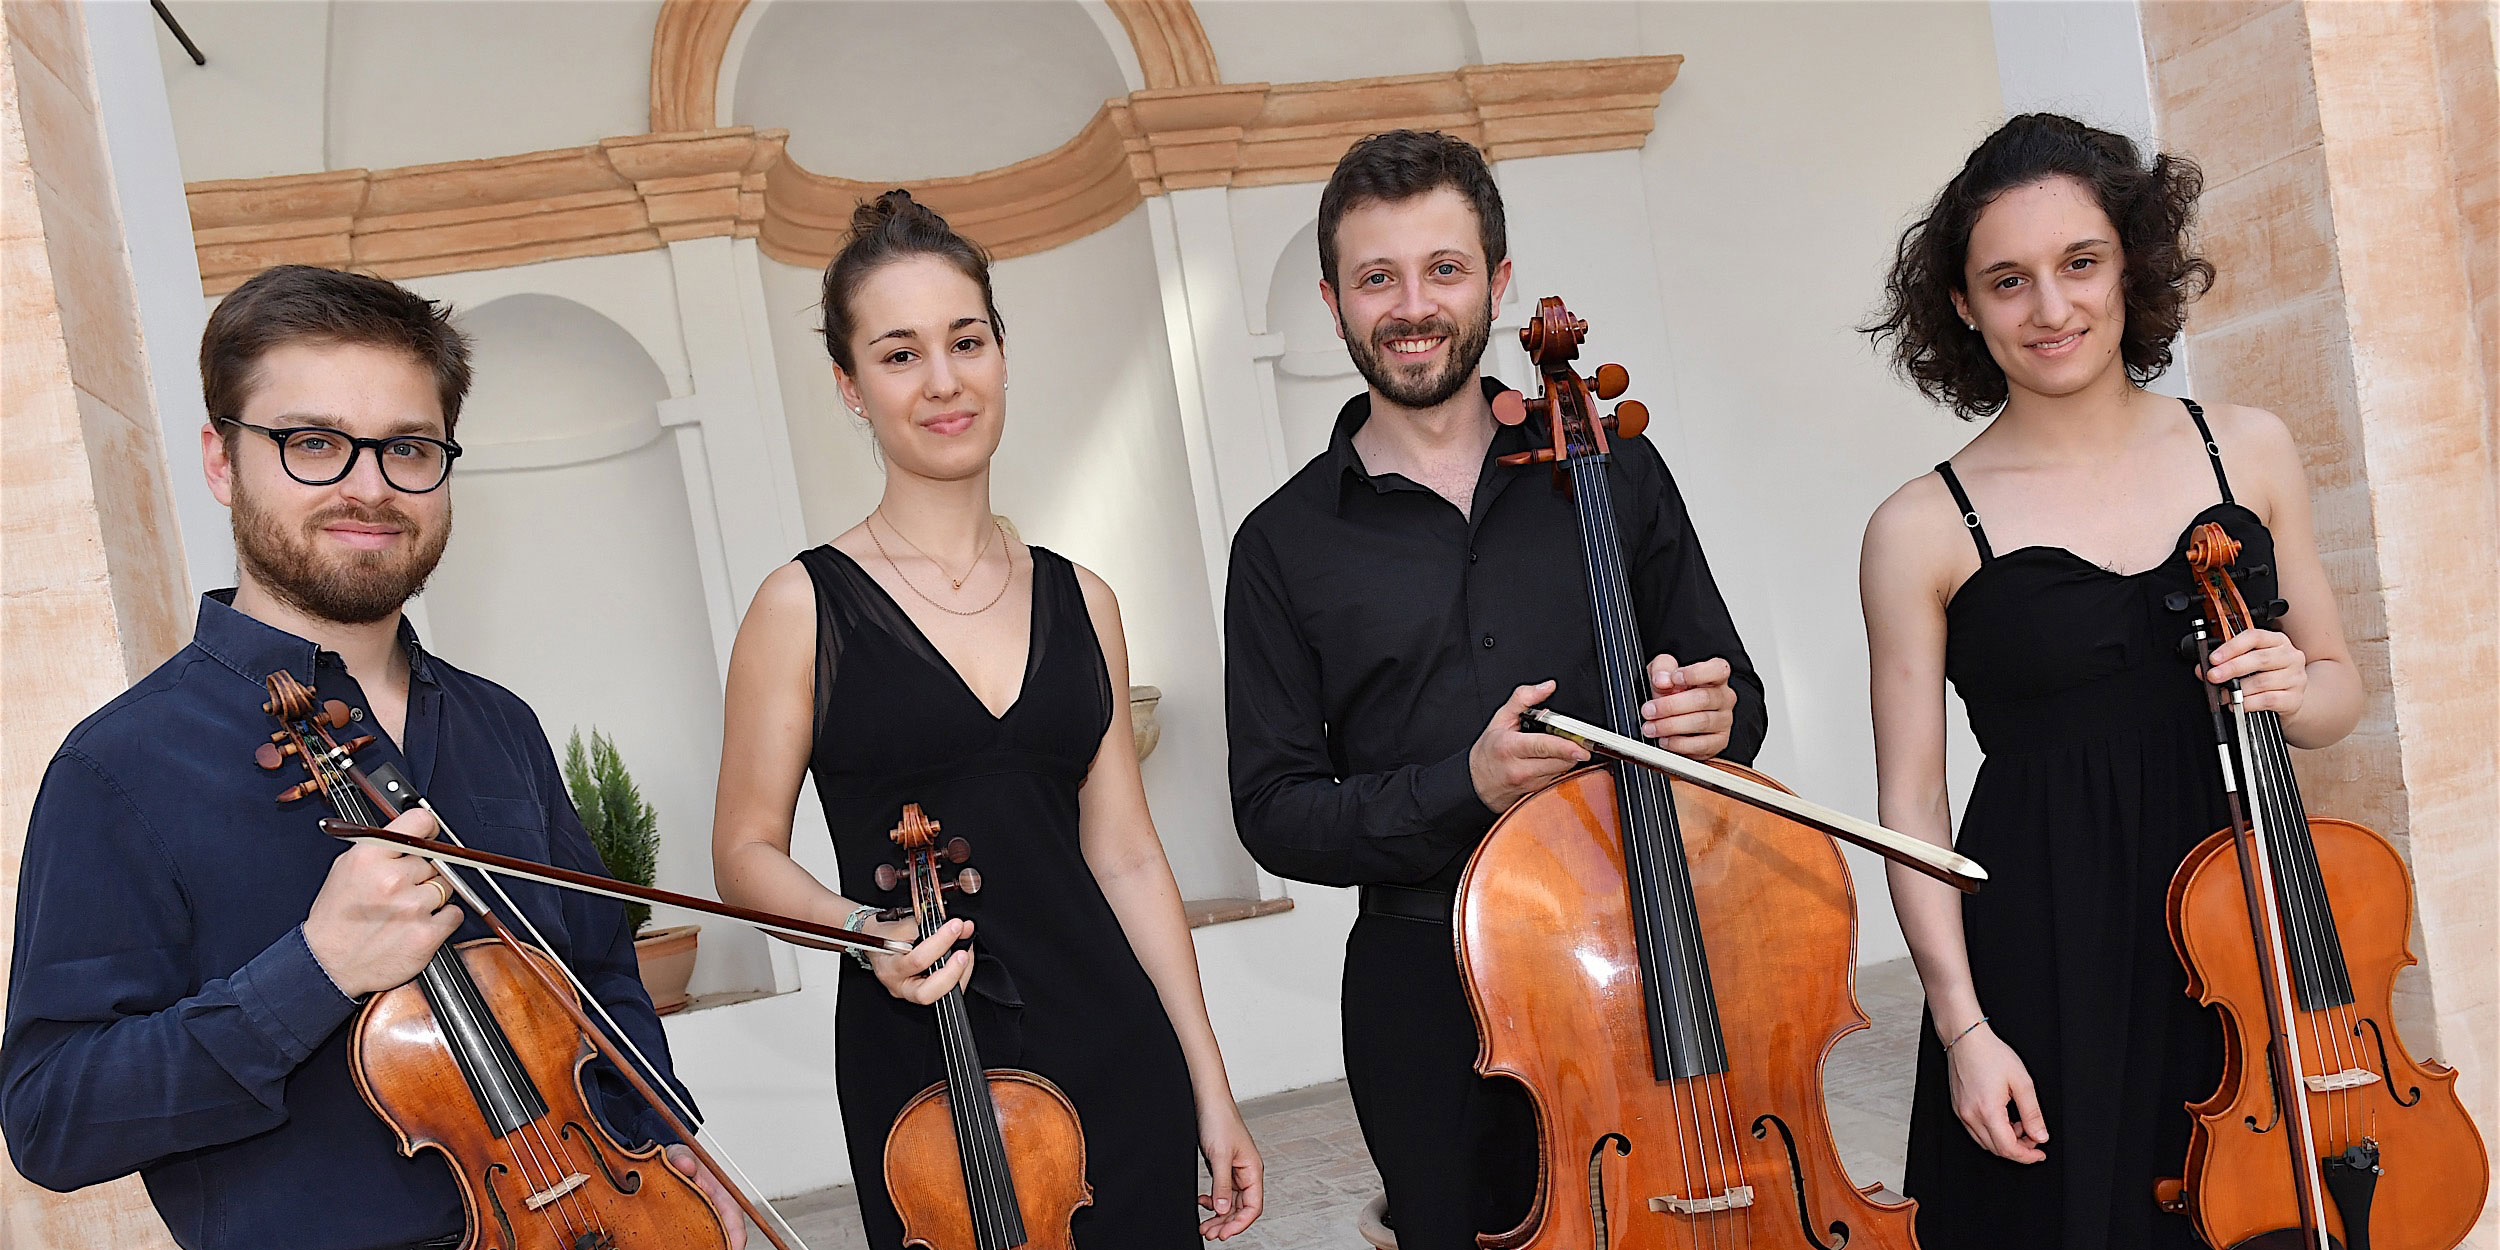 Quartetto_Adorno_[c]_Lauro_Spaggiari